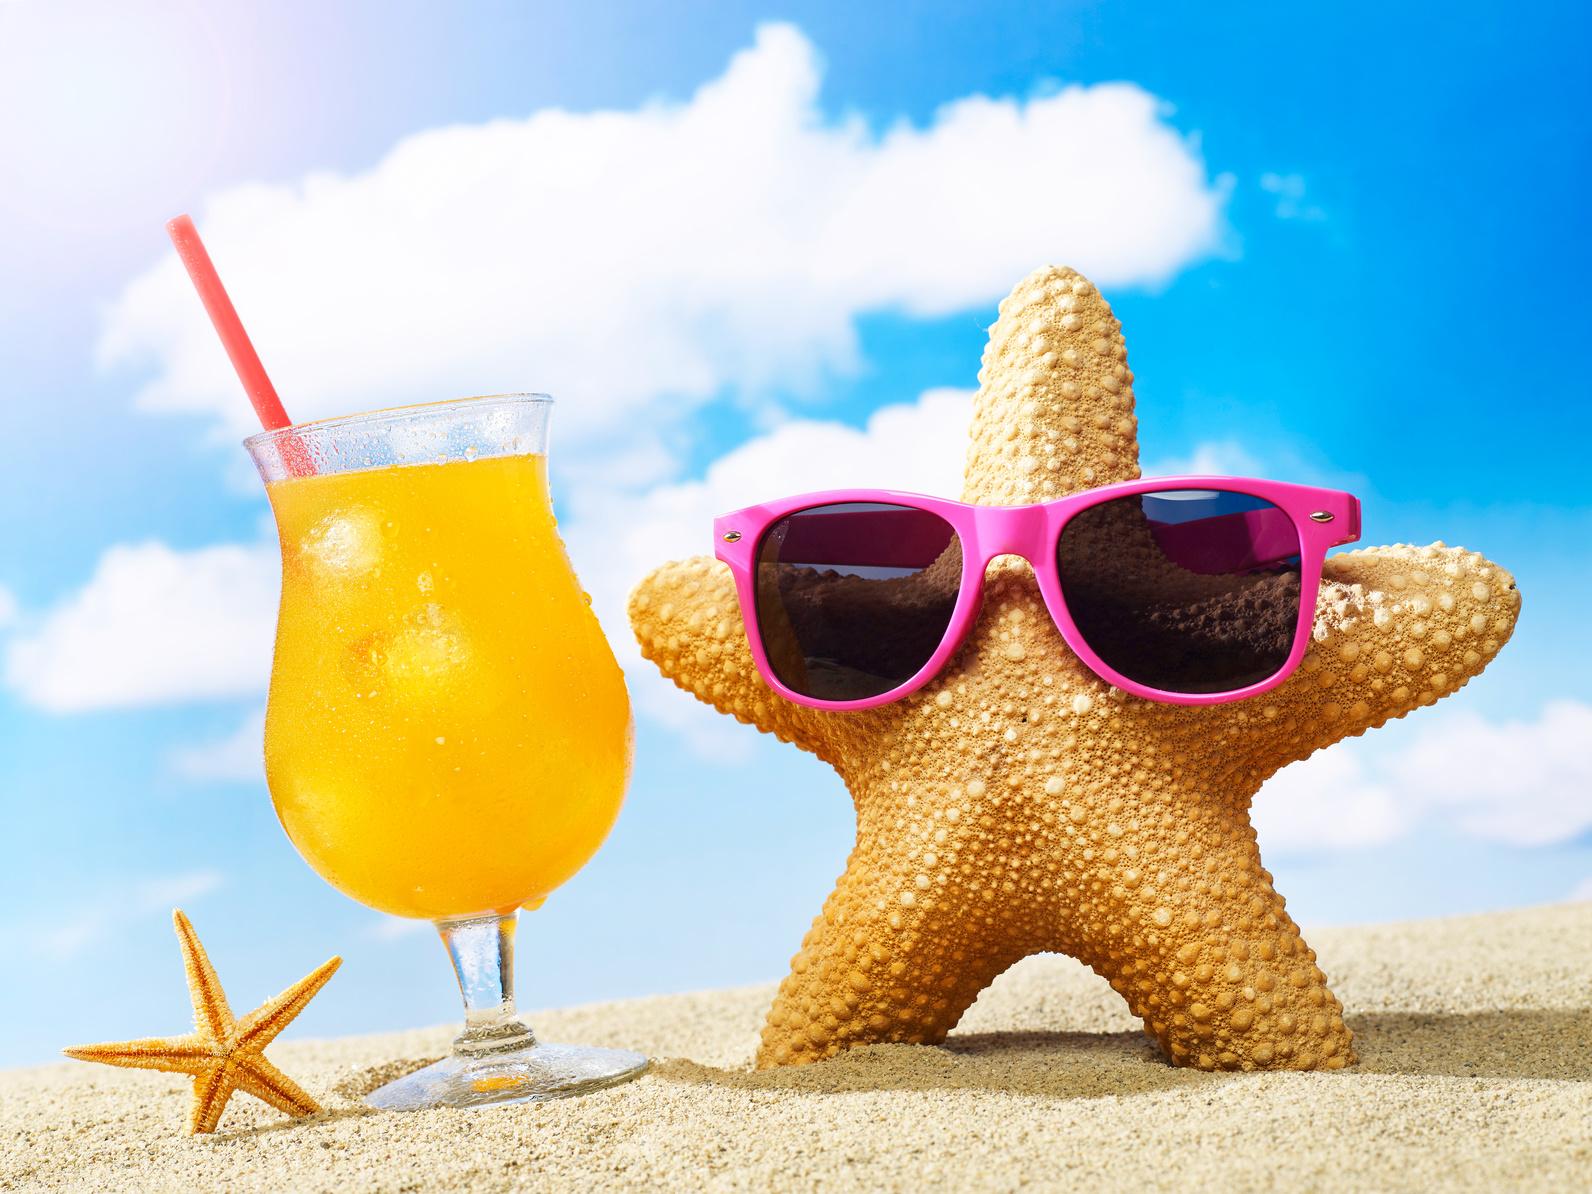 Nuevo horario de verano y vacaciones a la vista